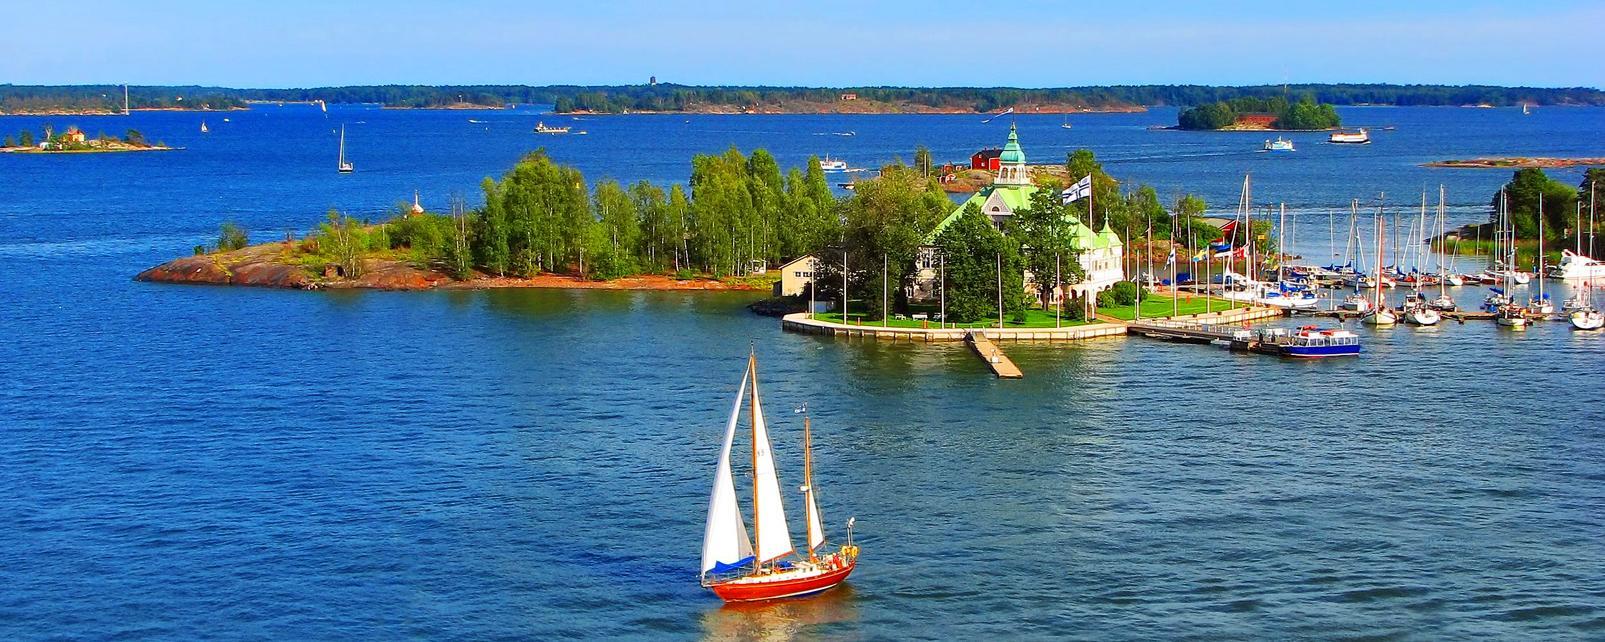 Finland (Baltic Sea)